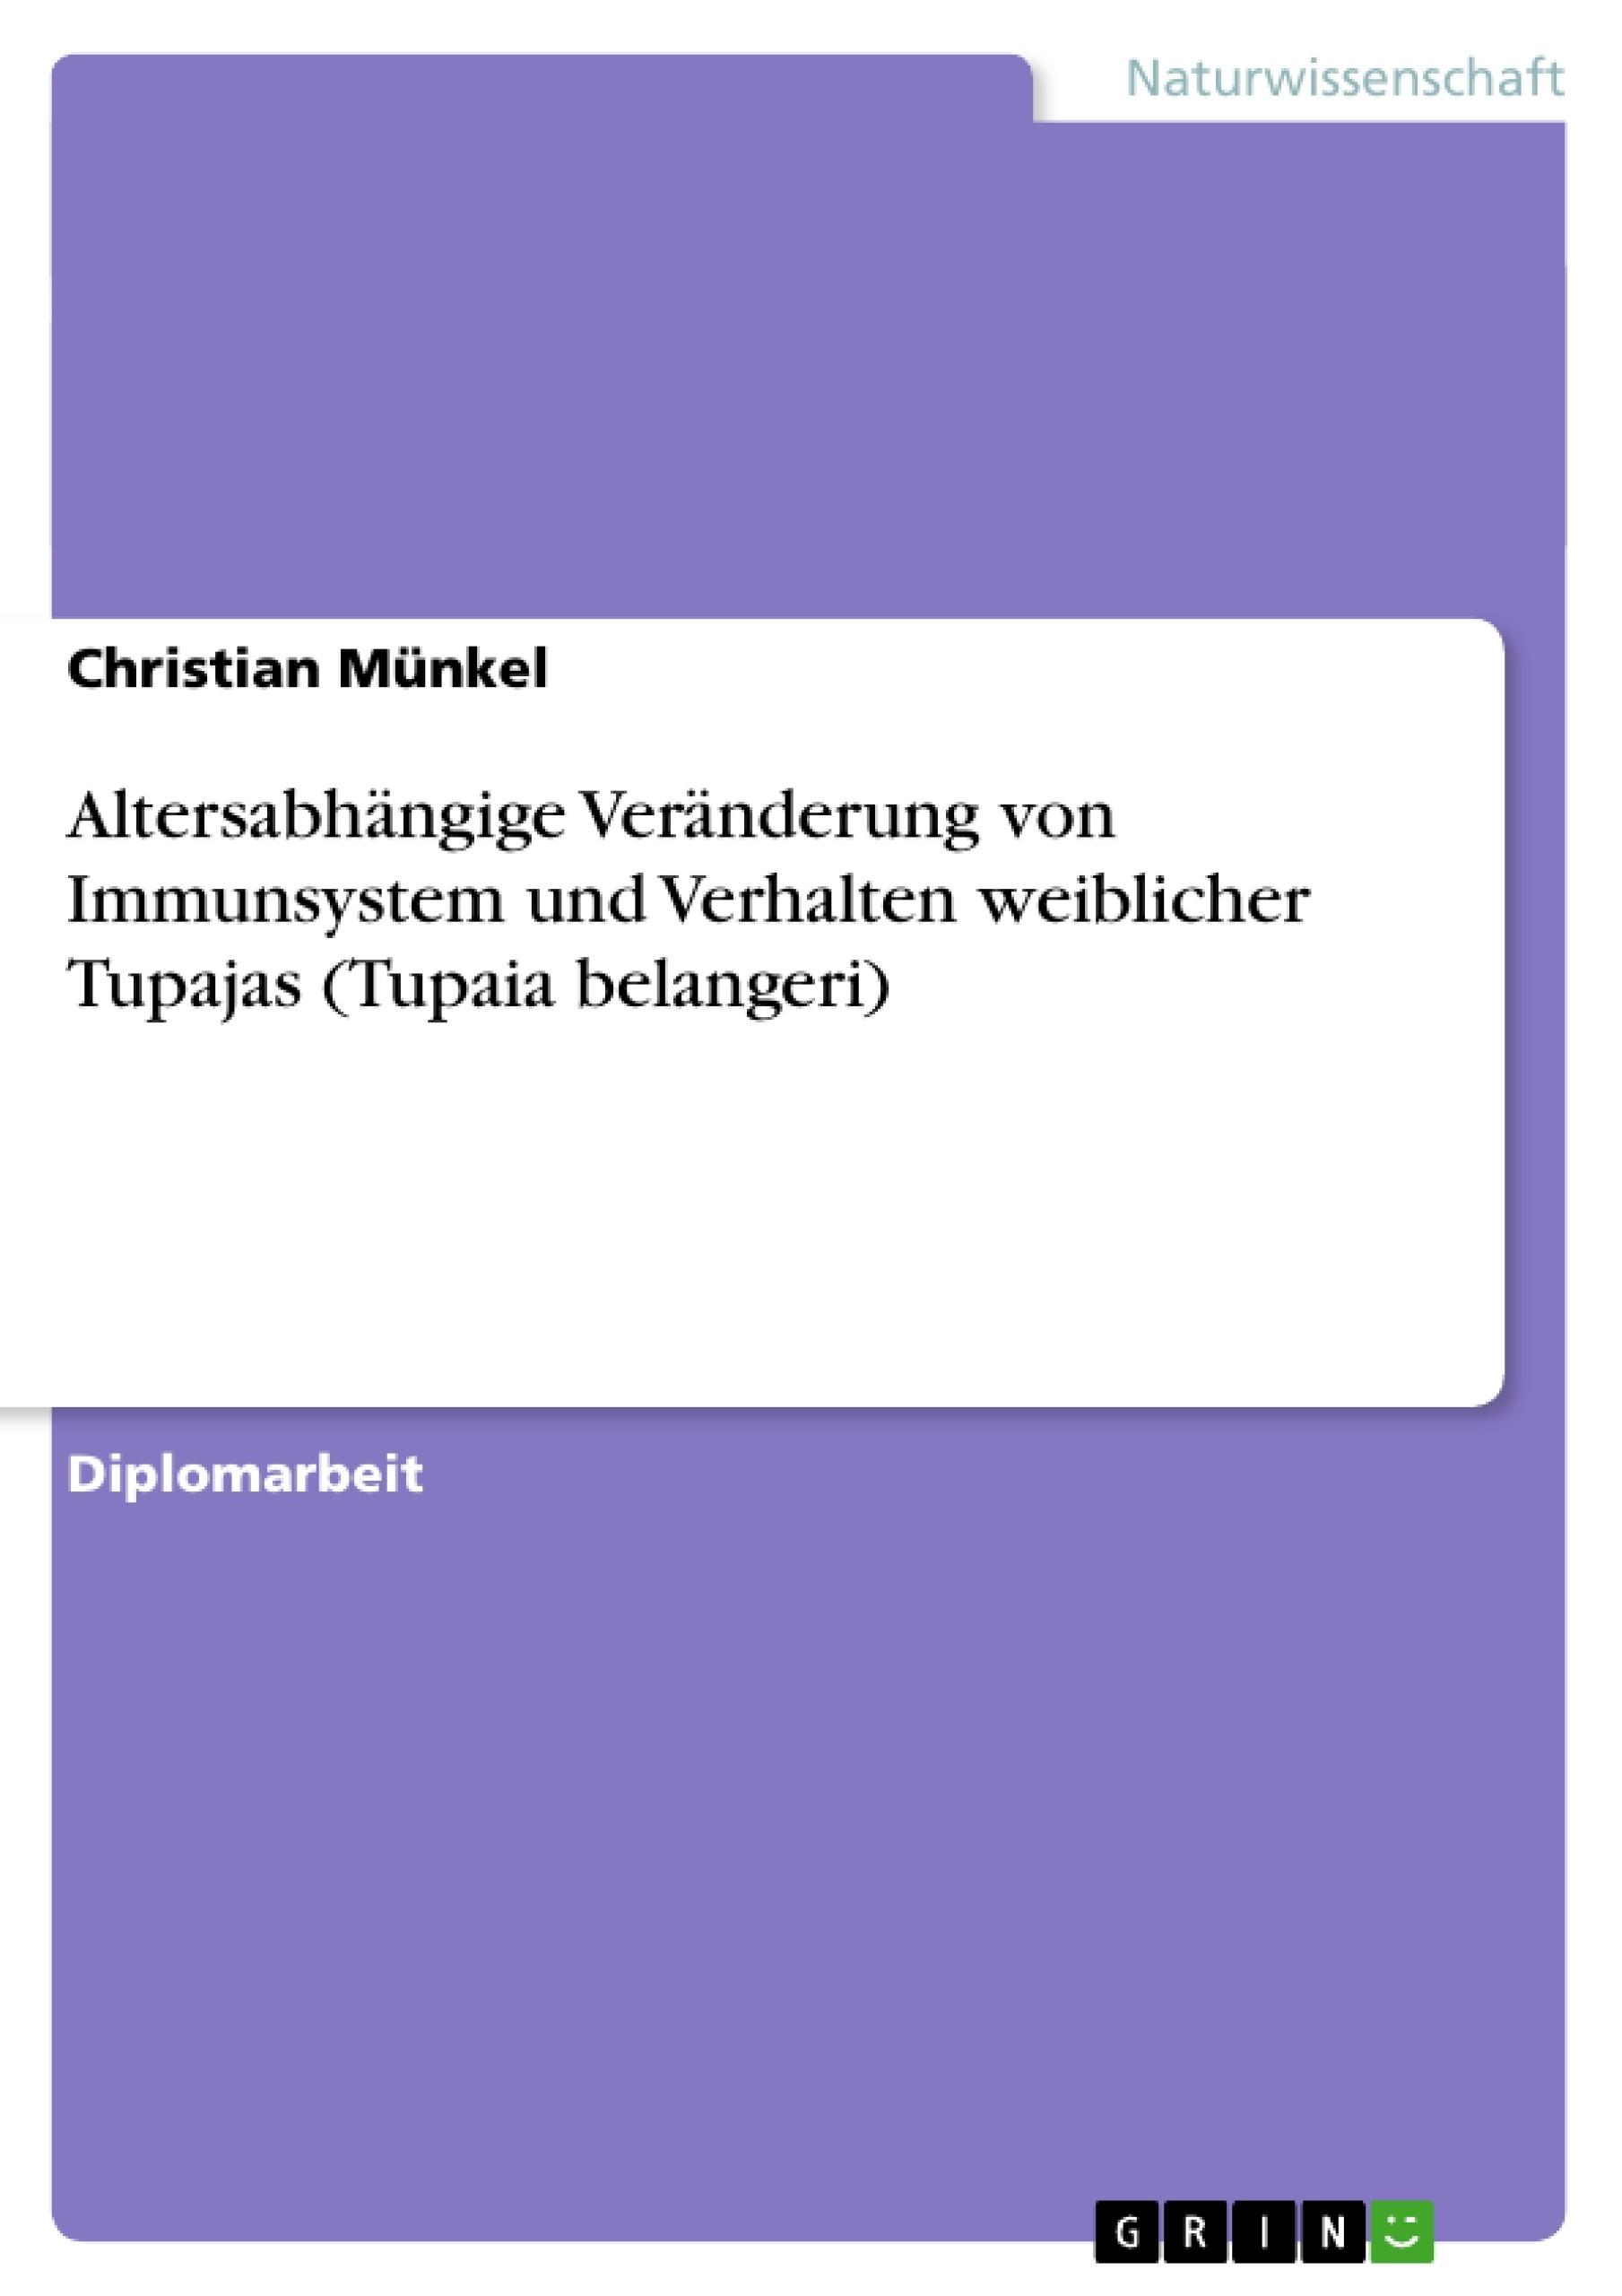 Titel: Altersabhängige Veränderung von Immunsystem und Verhalten weiblicher Tupajas (Tupaia belangeri)